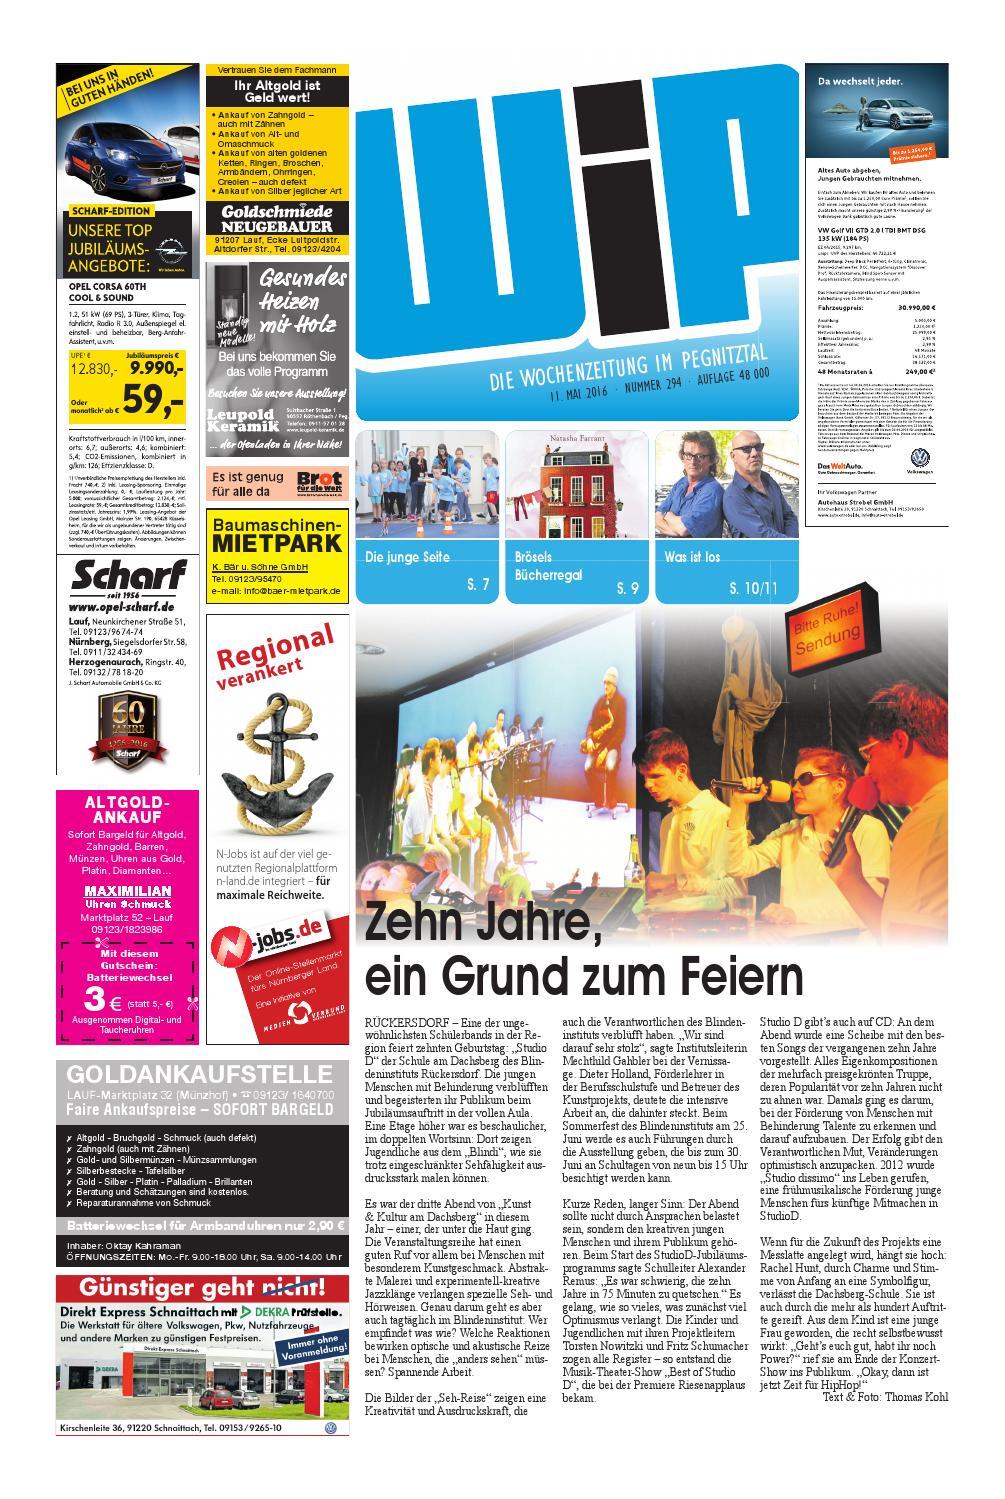 WiP 11.05.2016 by Pfeiffer Medienfabrik GmbH & Co. KG - issuu